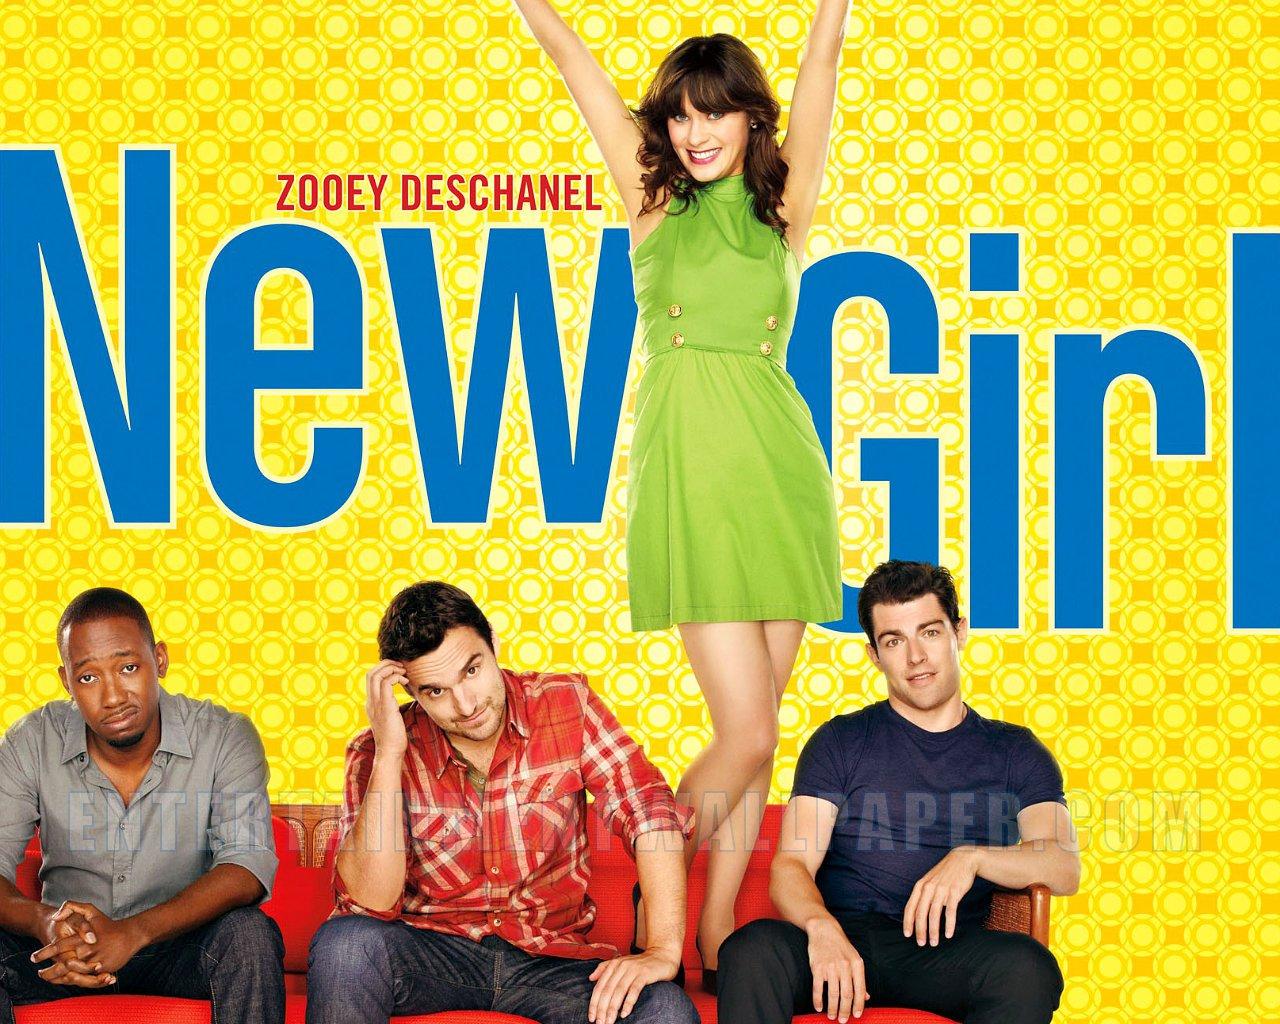 Capa New Girl S03E21 Legenda Torrent AVI Assistir Online  tv new girl09